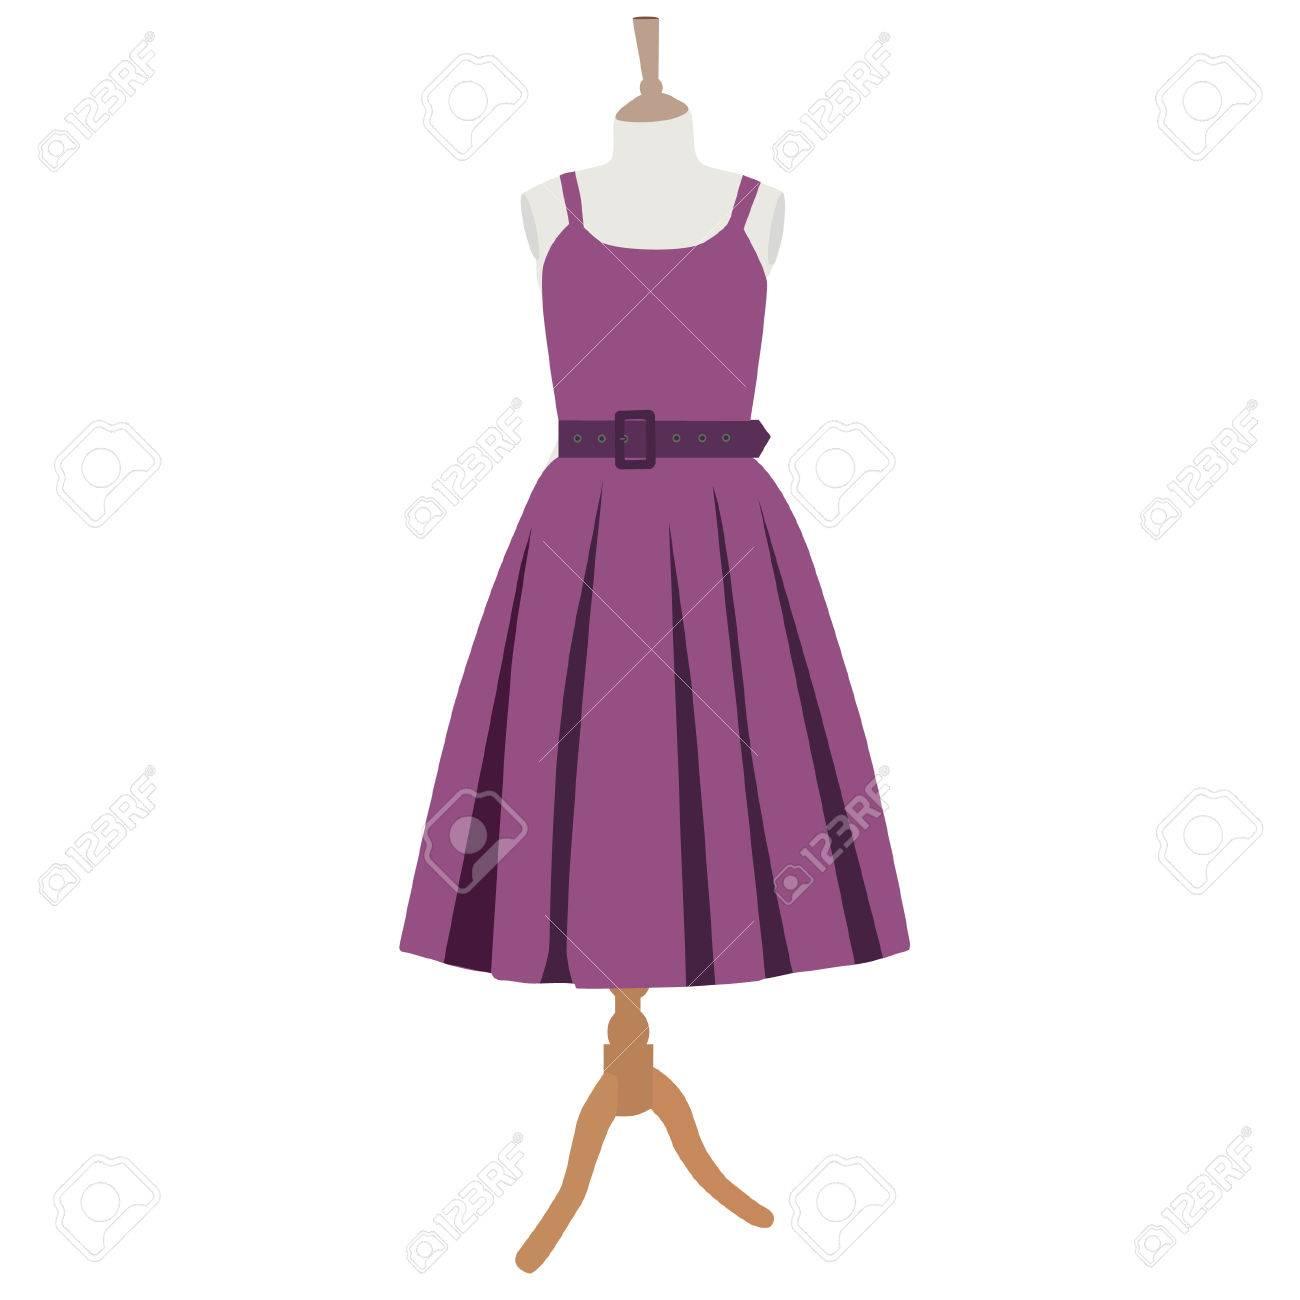 Vestido De Púrpura, Sobre Maniquí Vestido, Ropa, Vintage ...